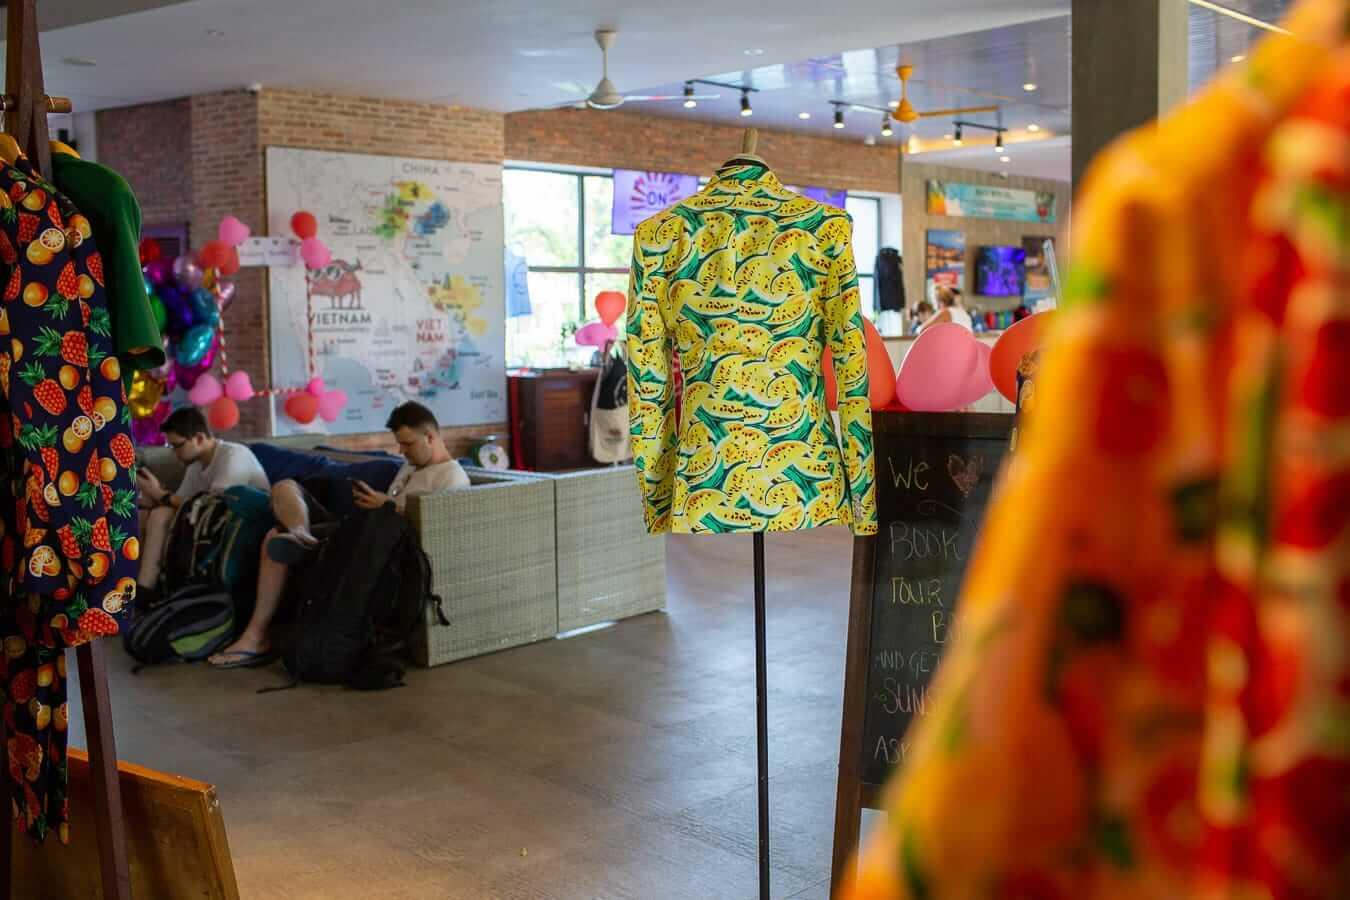 Vietnam Backpacker Hostel's in-house tailor